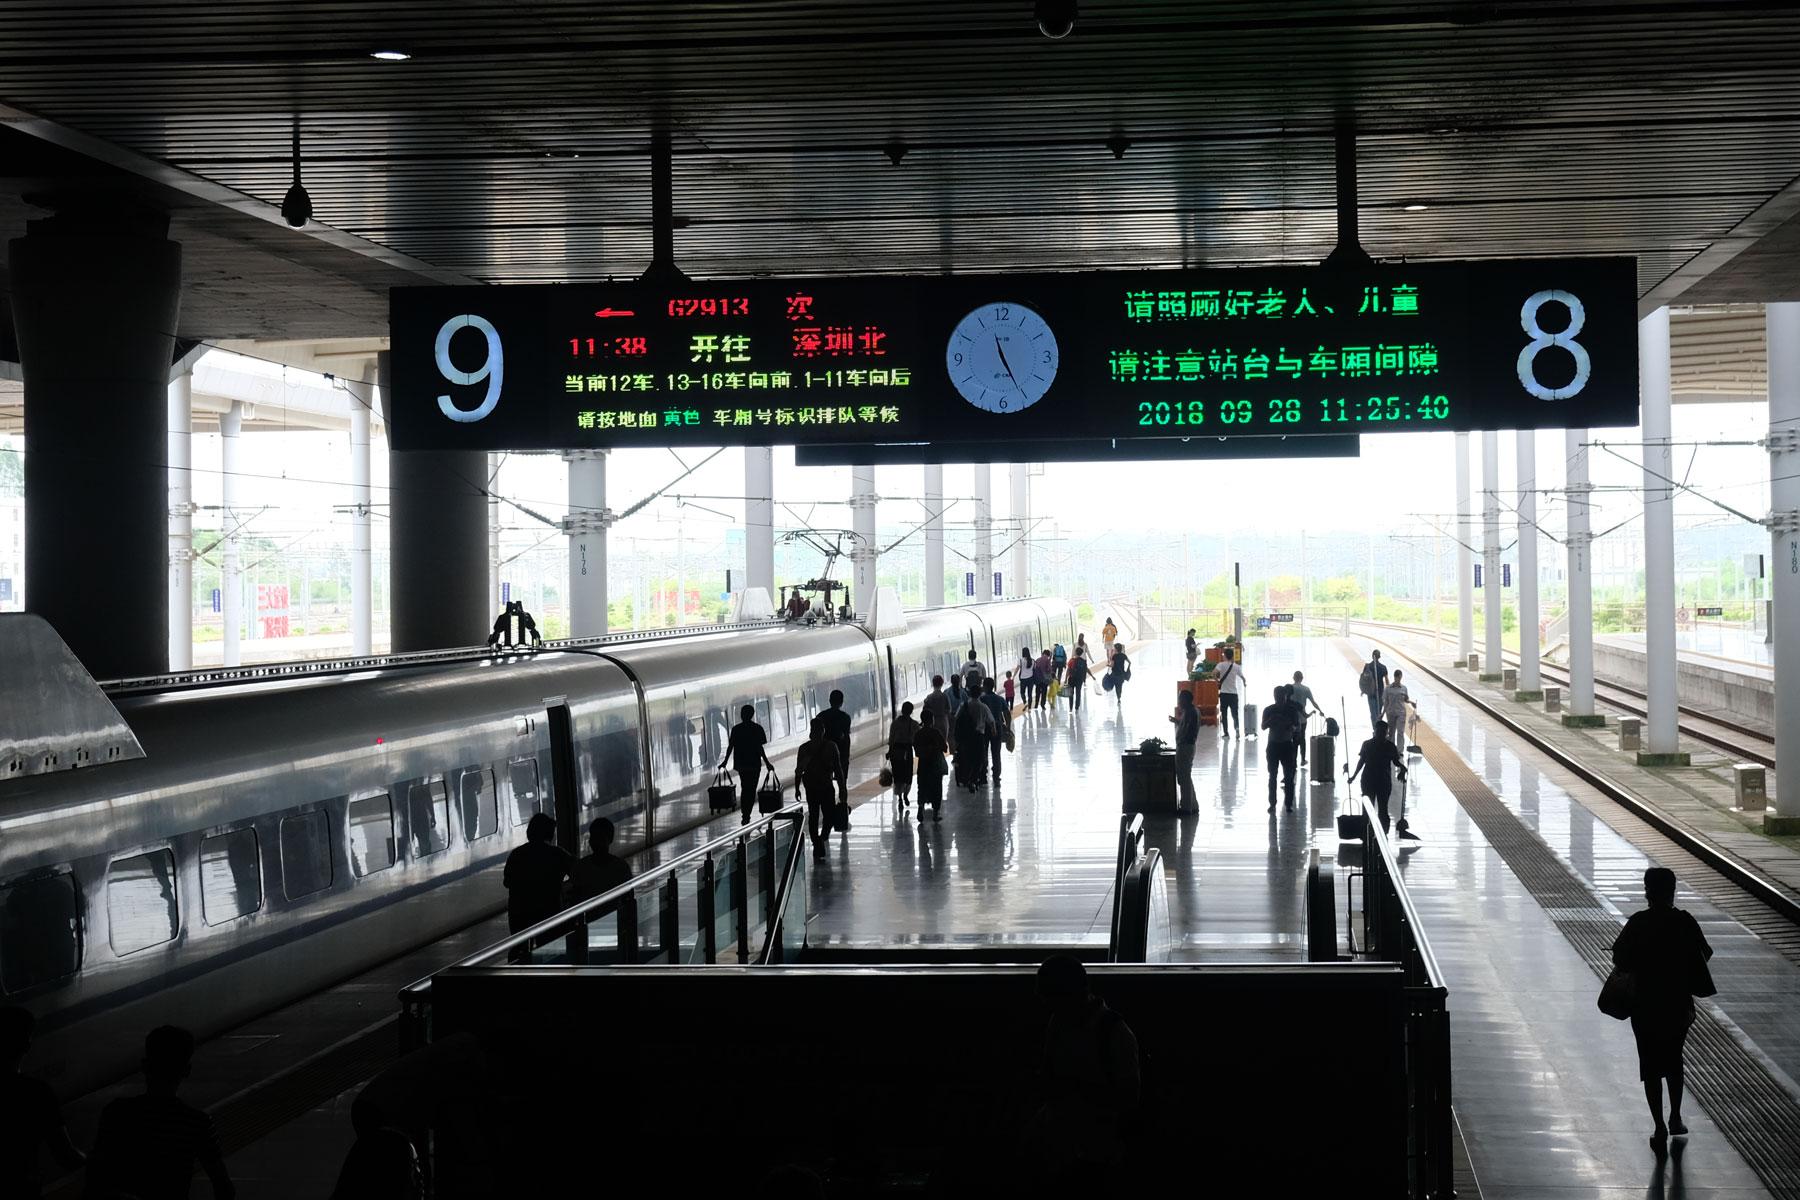 Ein Schnellzug steht in Nanning am Gleis bereit zur Abfahrt.